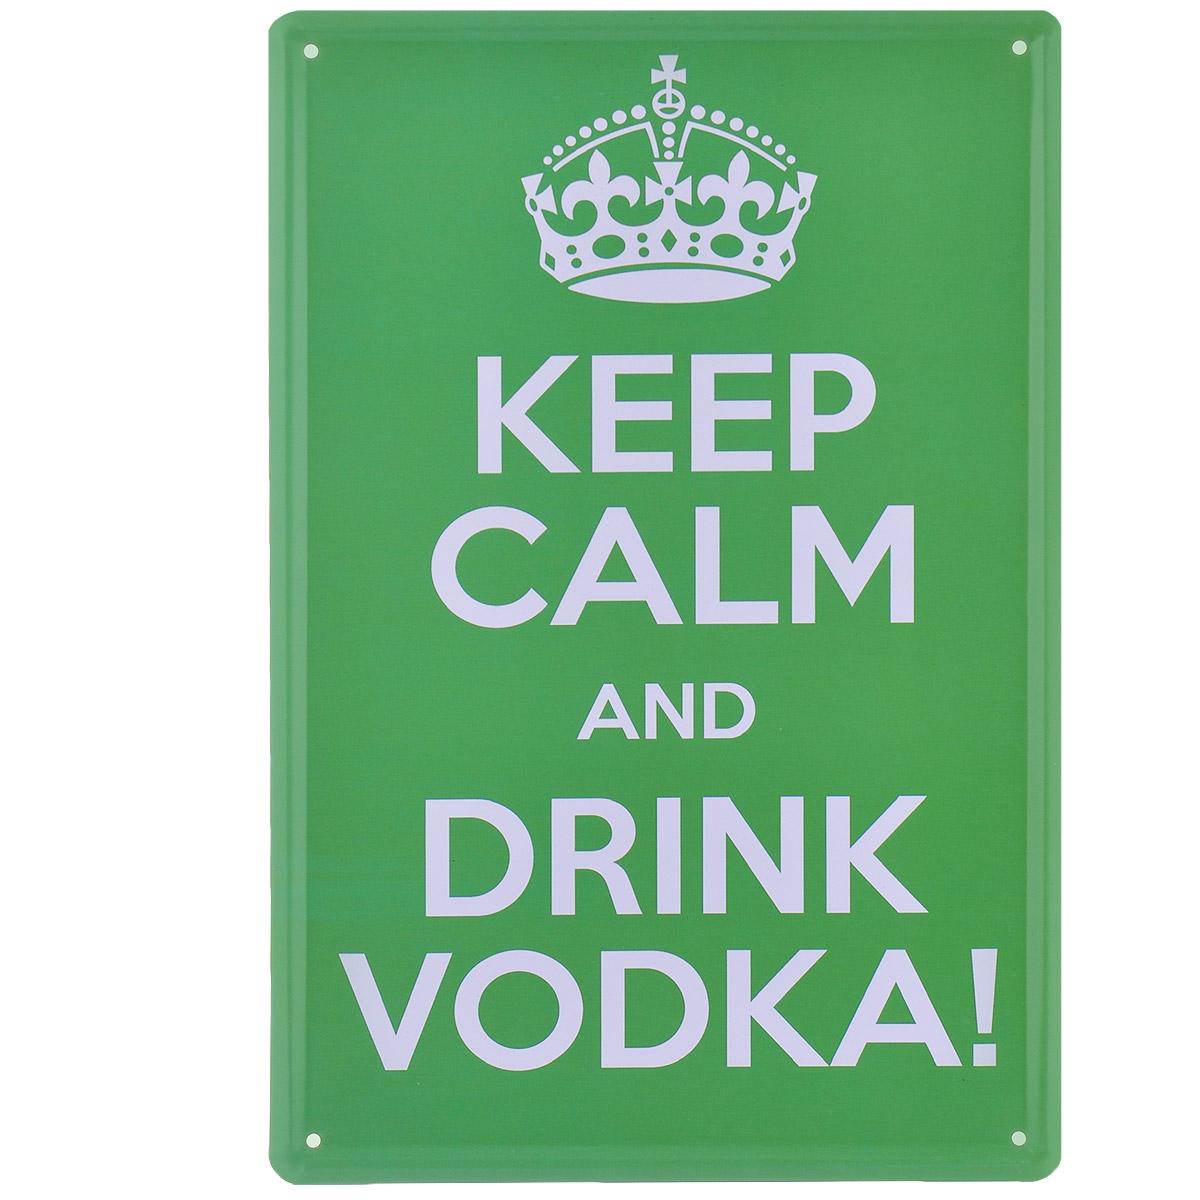 Постер Феникс-презент Сохраняй спокойствие, цвет: зеленый, 20 см х 30 см37436Постер Феникс-презент Сохраняй спокойствие выполнен из черного металла. На постере изображена фраза Keep Calm And Drink Vodka!.Постер заинтересует всех любителей оригинальных вещиц и доставит массу положительных эмоций своему обладателю. Картина для интерьера (постер) - современное и актуальное направление в дизайне любых помещений. Постер может использоваться для оформления любых интерьеров: - дом, квартира (гостиная, спальня, кухня); - офис (комната переговоров, холл, кабинет); - бар, кафе, ресторан или гостиница. Из мелочей складывается стиль интерьера. Постер Феникс-презент Сохраняй спокойствие одна из тех деталей, которые придают интерьеру обжитой вид и создают ощущение уюта.